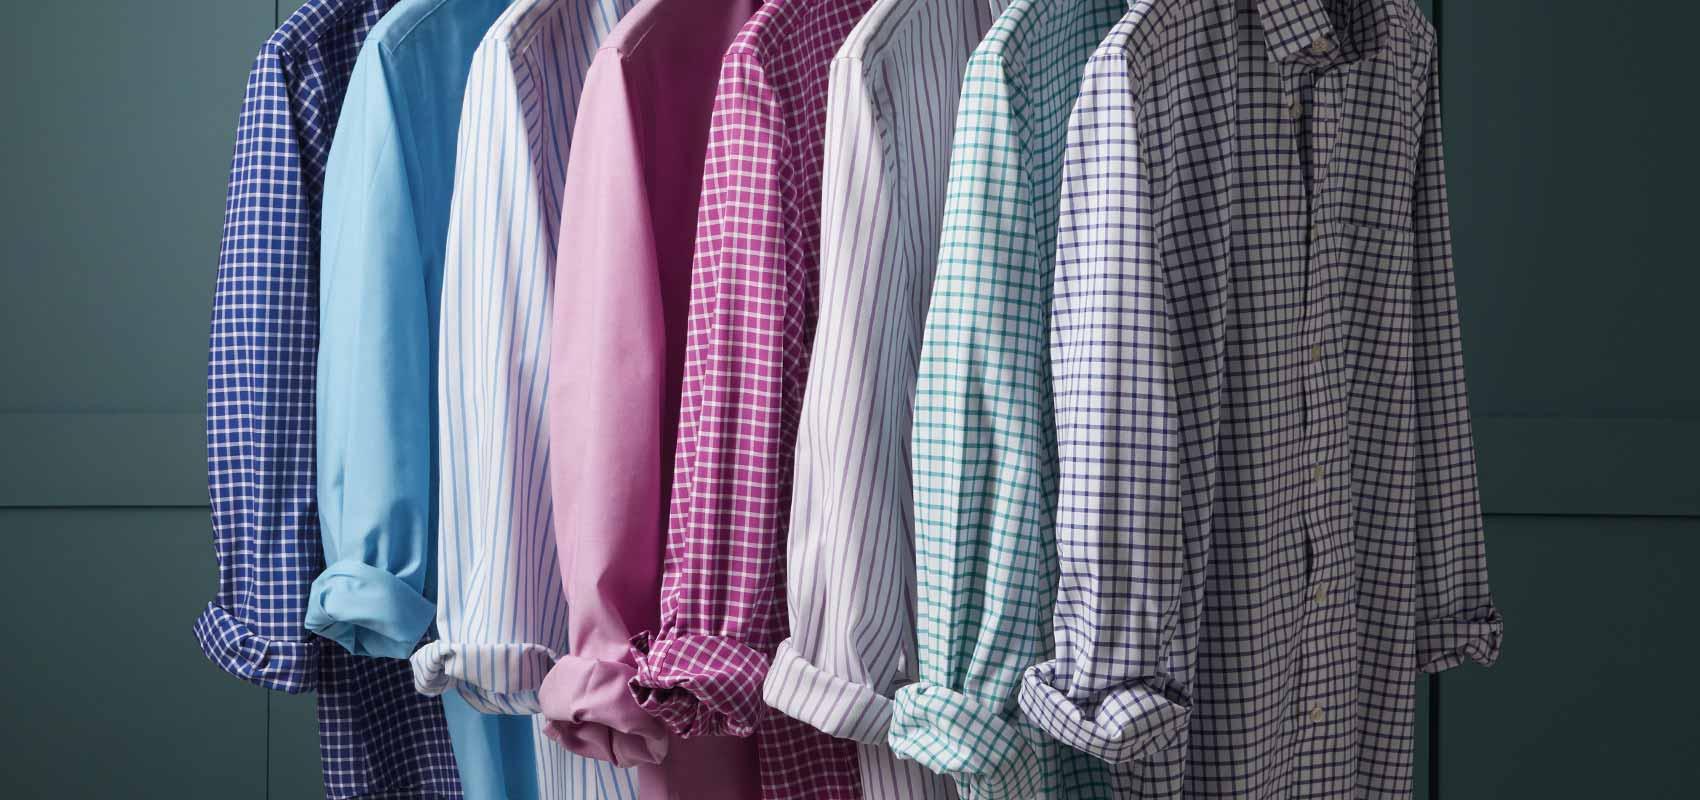 Non-iron Oxford shirts